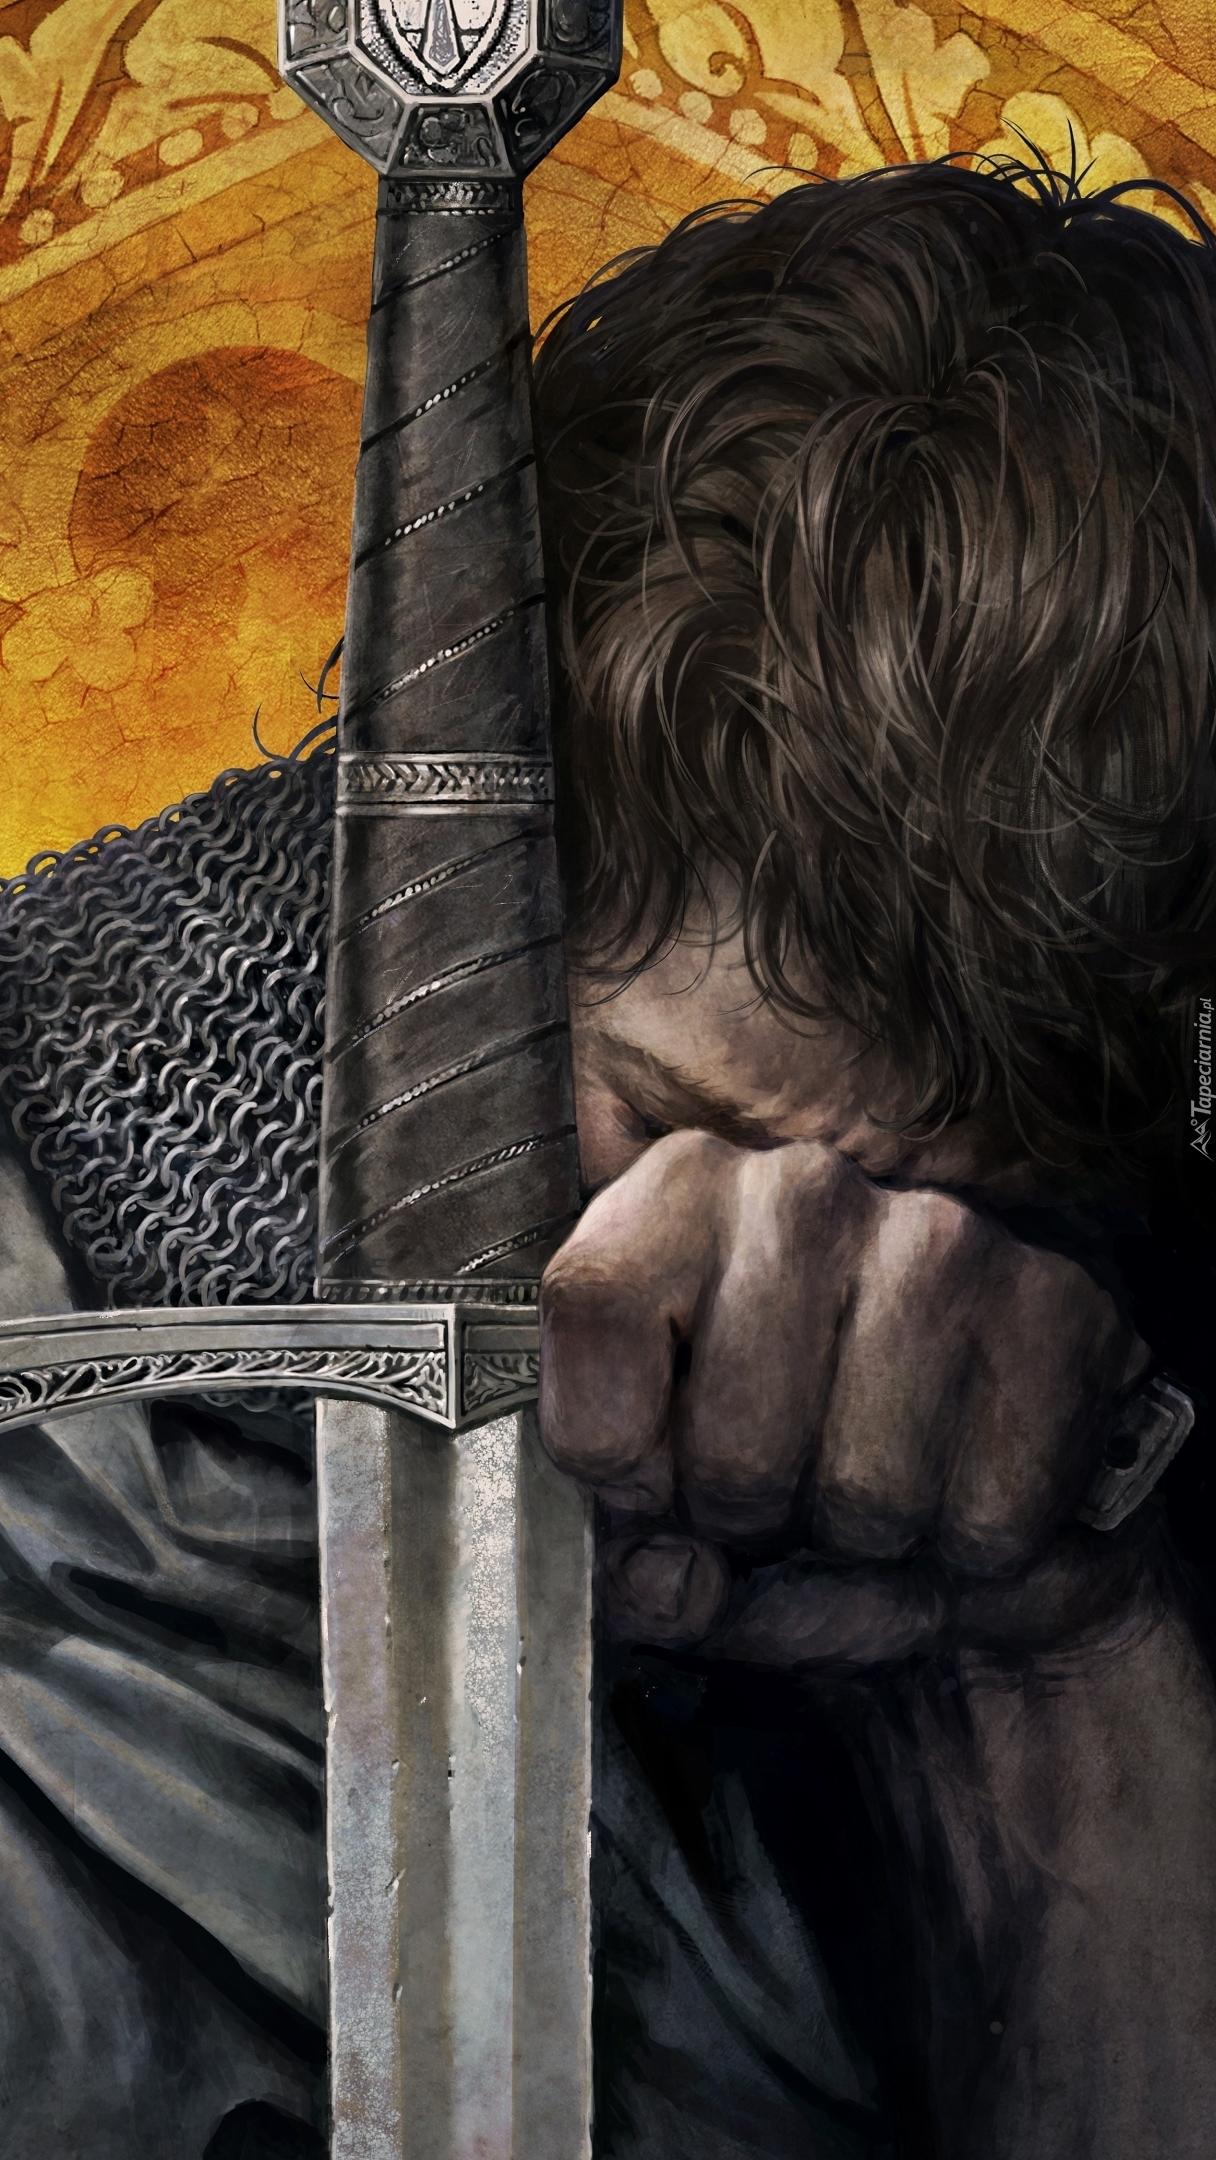 Henry z mieczem